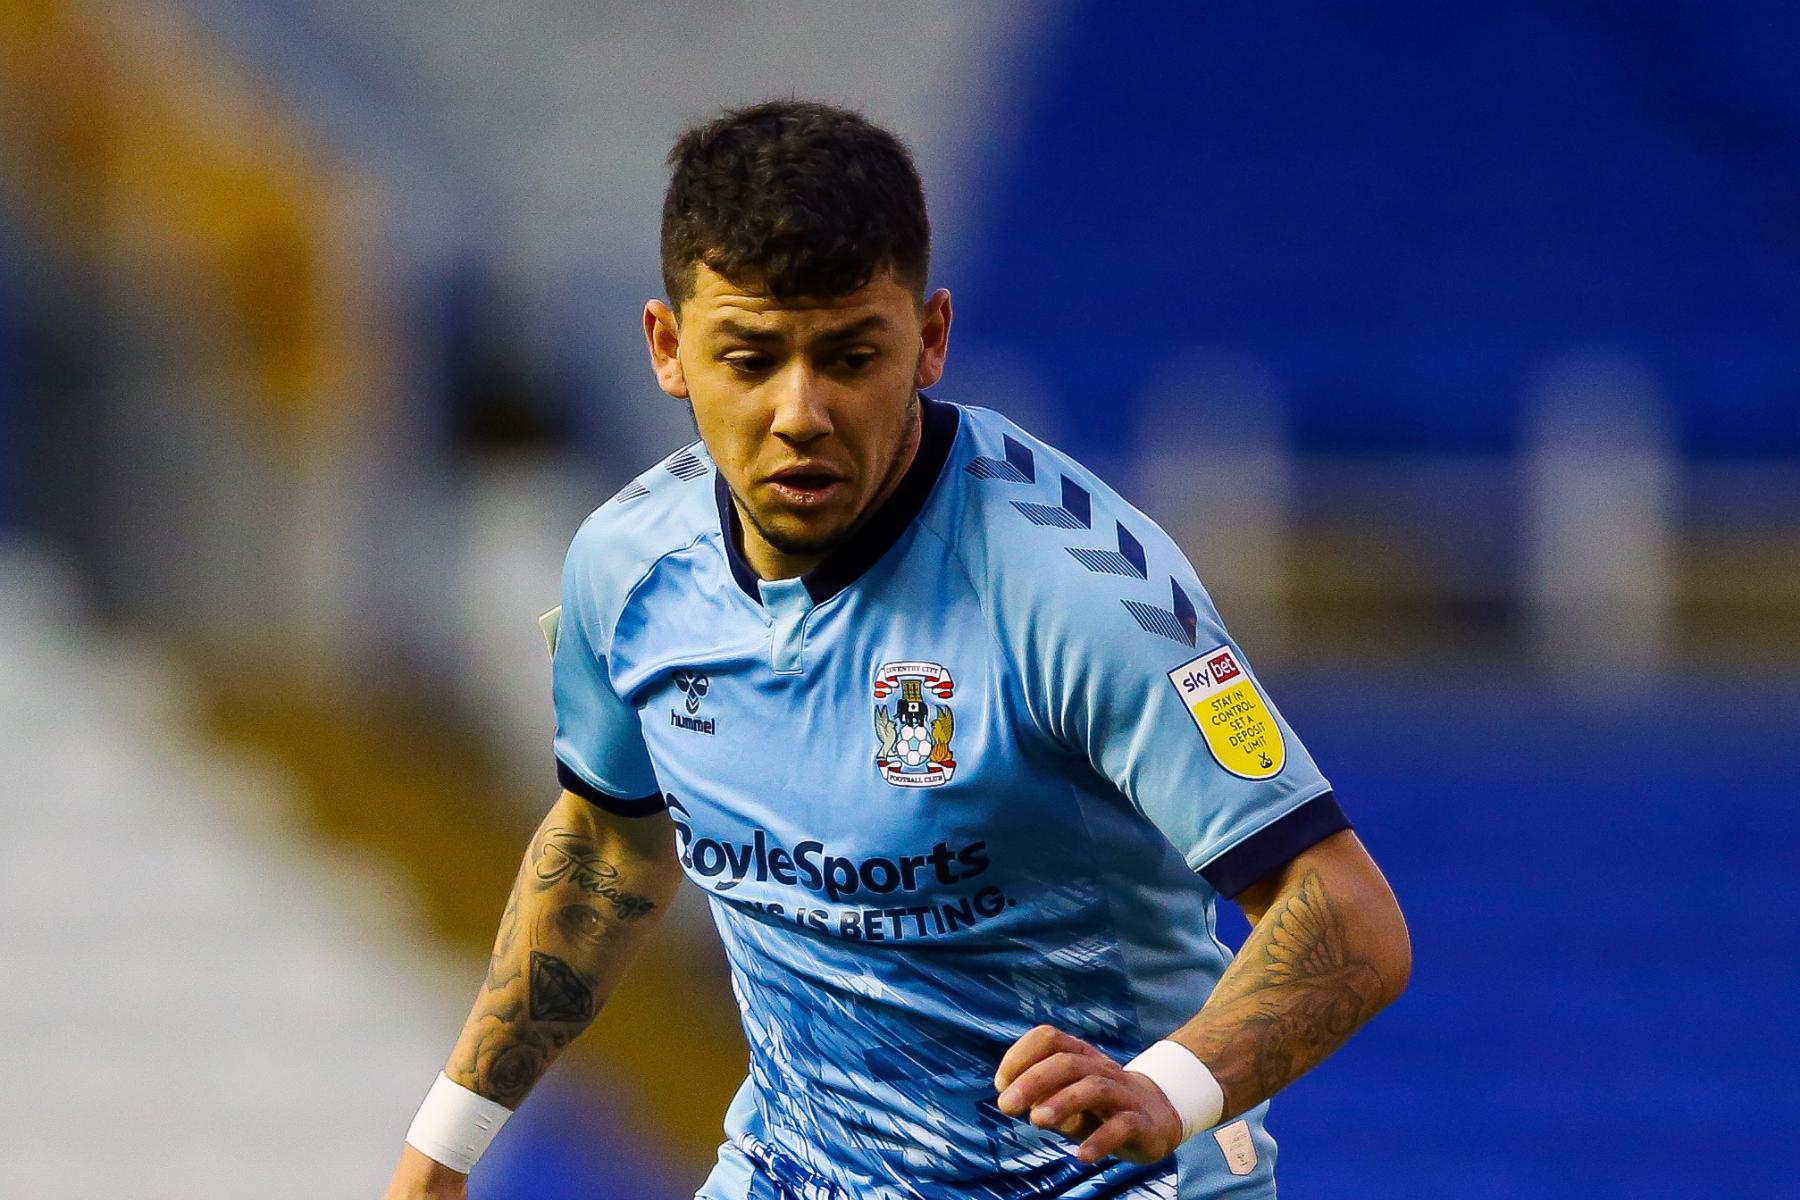 Rangers eye move for Coventry City midfielder Gustavo Hamer